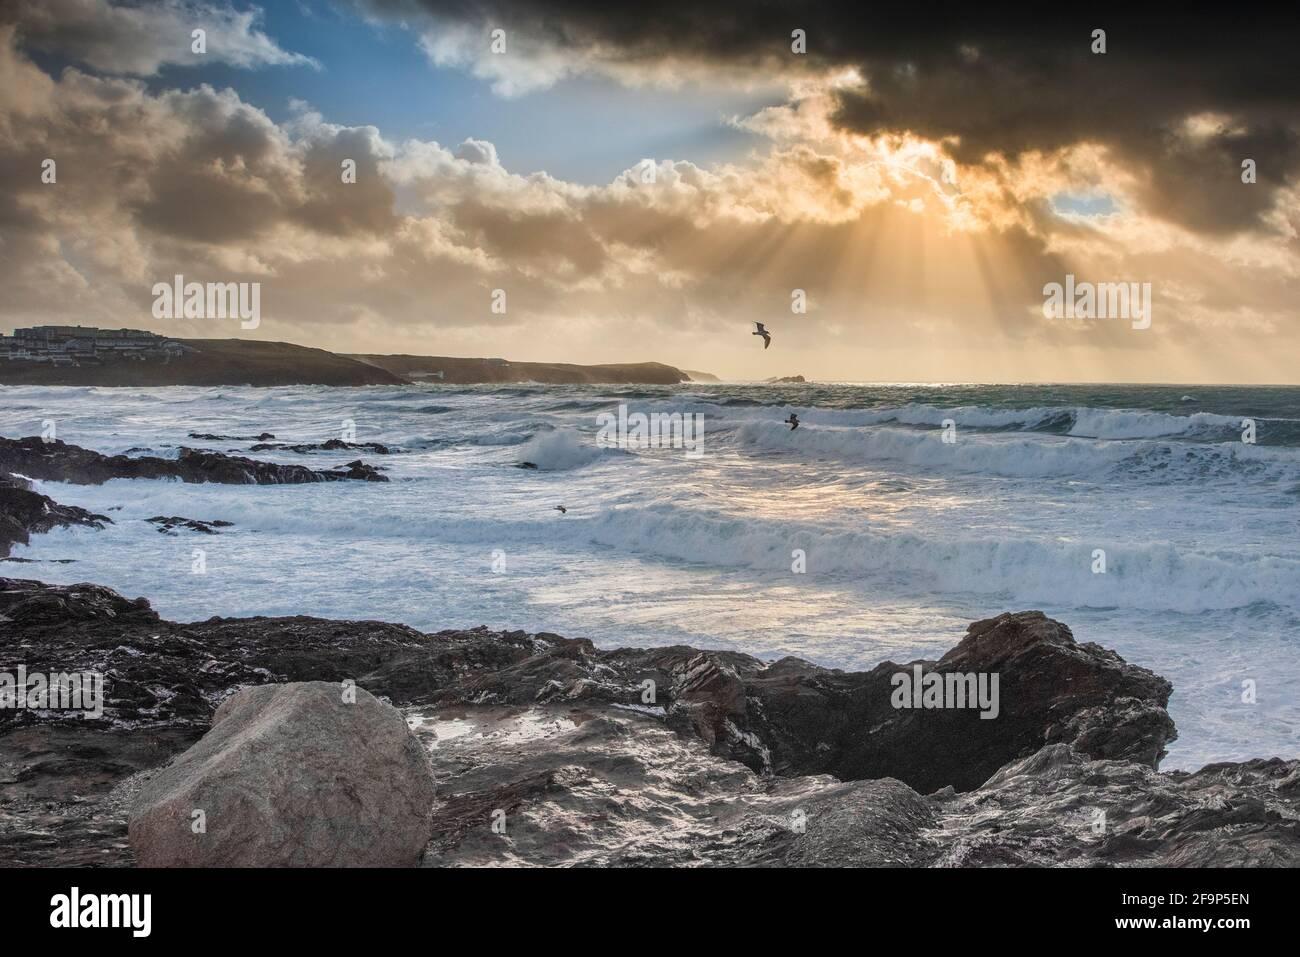 La lumière sur la fin de soirée dans la baie de Fistral Newquay en Cornouailles. Banque D'Images